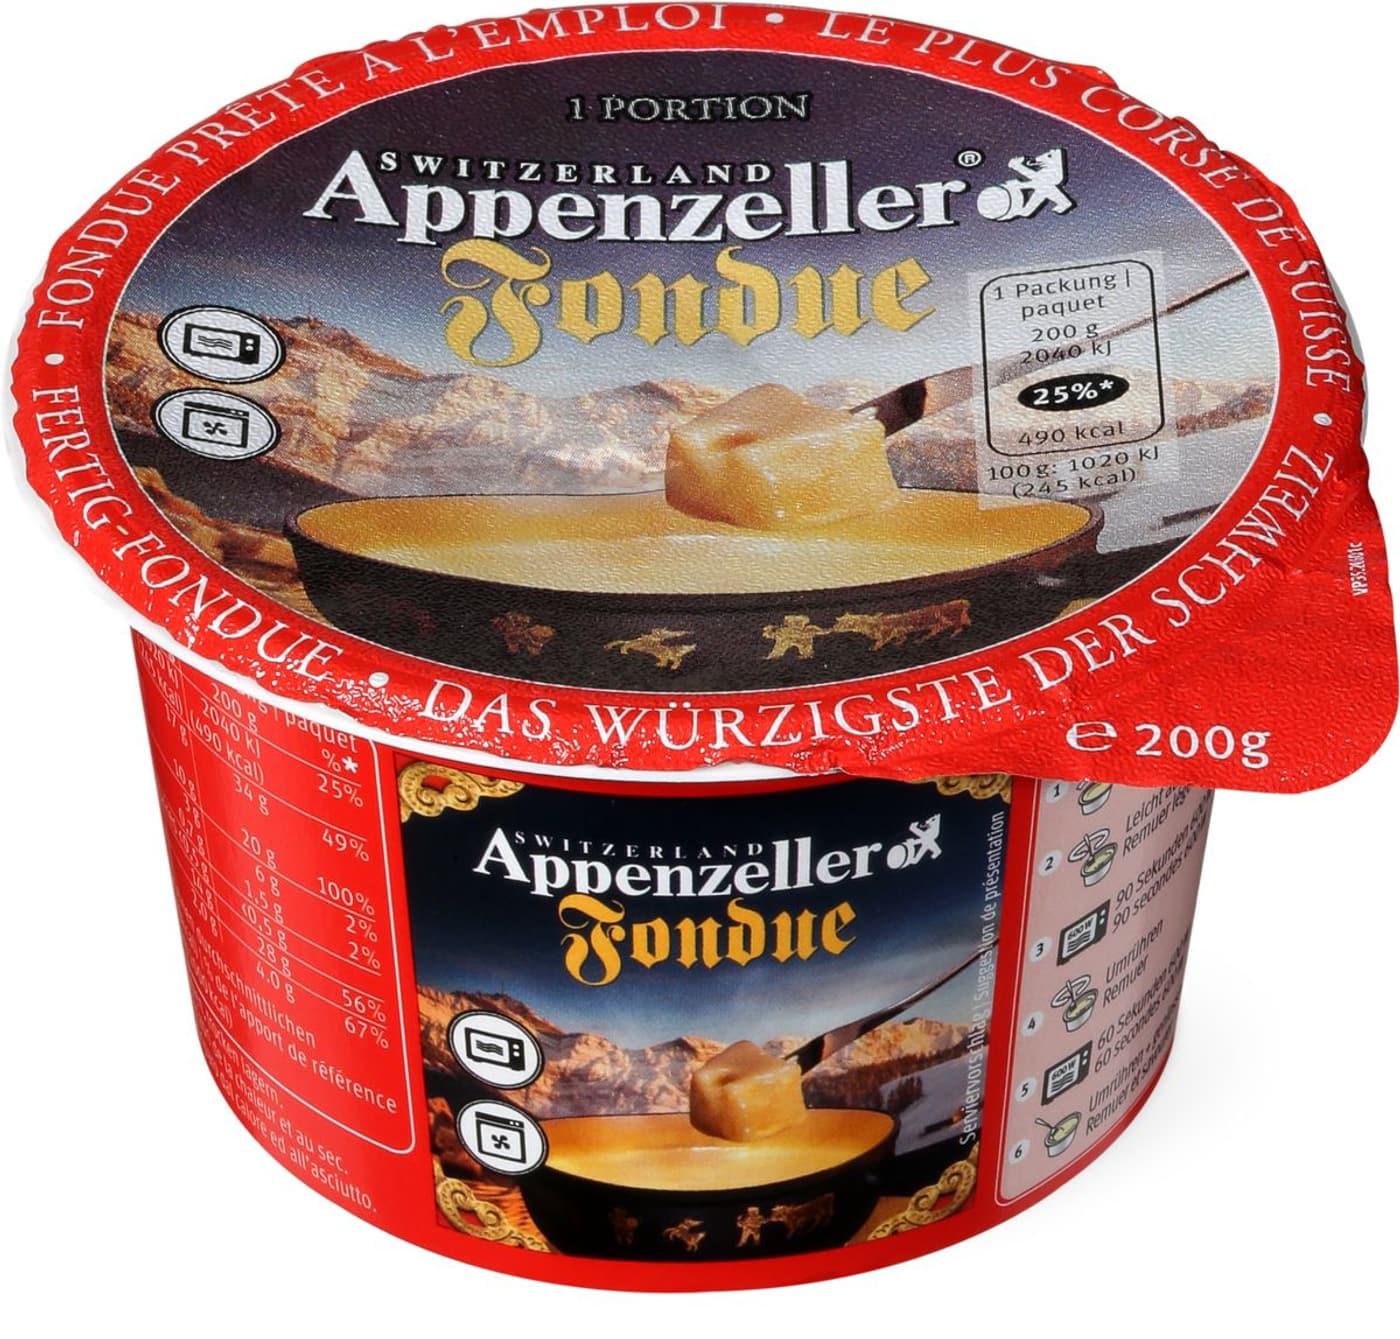 Appenzeller fondue online dating